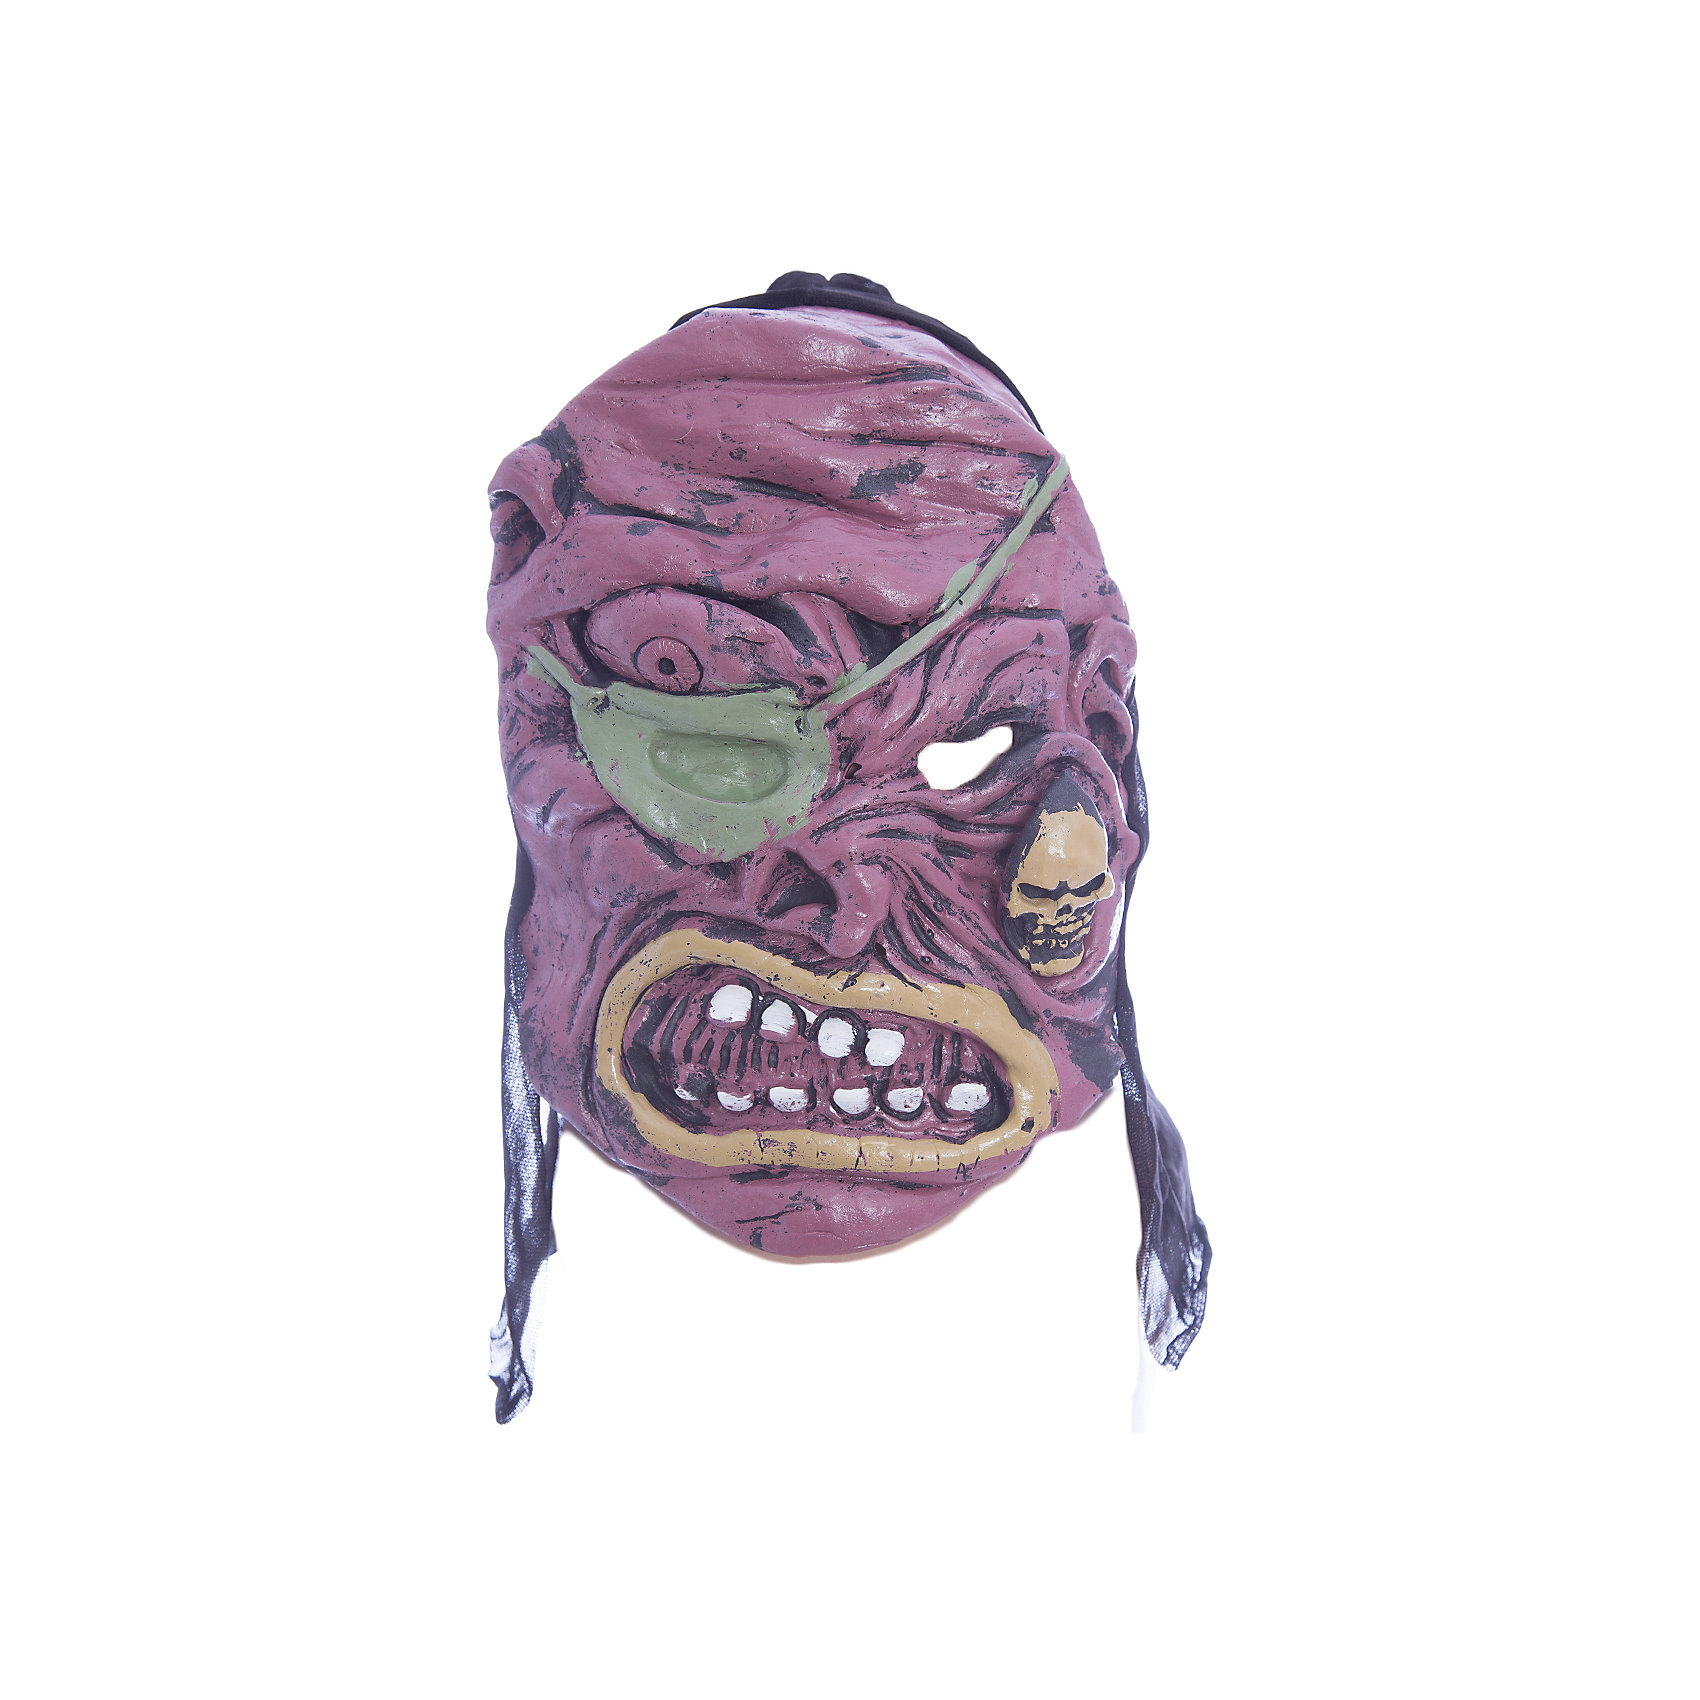 Карнавальная маска Череп, бордовыйКарнавальная маска Череп, бордовый — это детализированный элемент карнавального костюма, представляющий собой маску, которая вызовет настоящий восторг у всех юных поклонников преображения. Маска очень практичная, ваш ребенок всё увидит через глазницы существа. Если у него будет костюм в едином стиле с маской, то приз на любом конкурсе костюмов ему обеспечен. Эти маски могут понравится как девочкам, так и мальчикам, ведь все дети хотят хоть раз побыть на стороне чудовища.<br><br>Ширина мм: 195<br>Глубина мм: 20<br>Высота мм: 270<br>Вес г: 100<br>Возраст от месяцев: 72<br>Возраст до месяцев: 192<br>Пол: Мужской<br>Возраст: Детский<br>SKU: 4767387